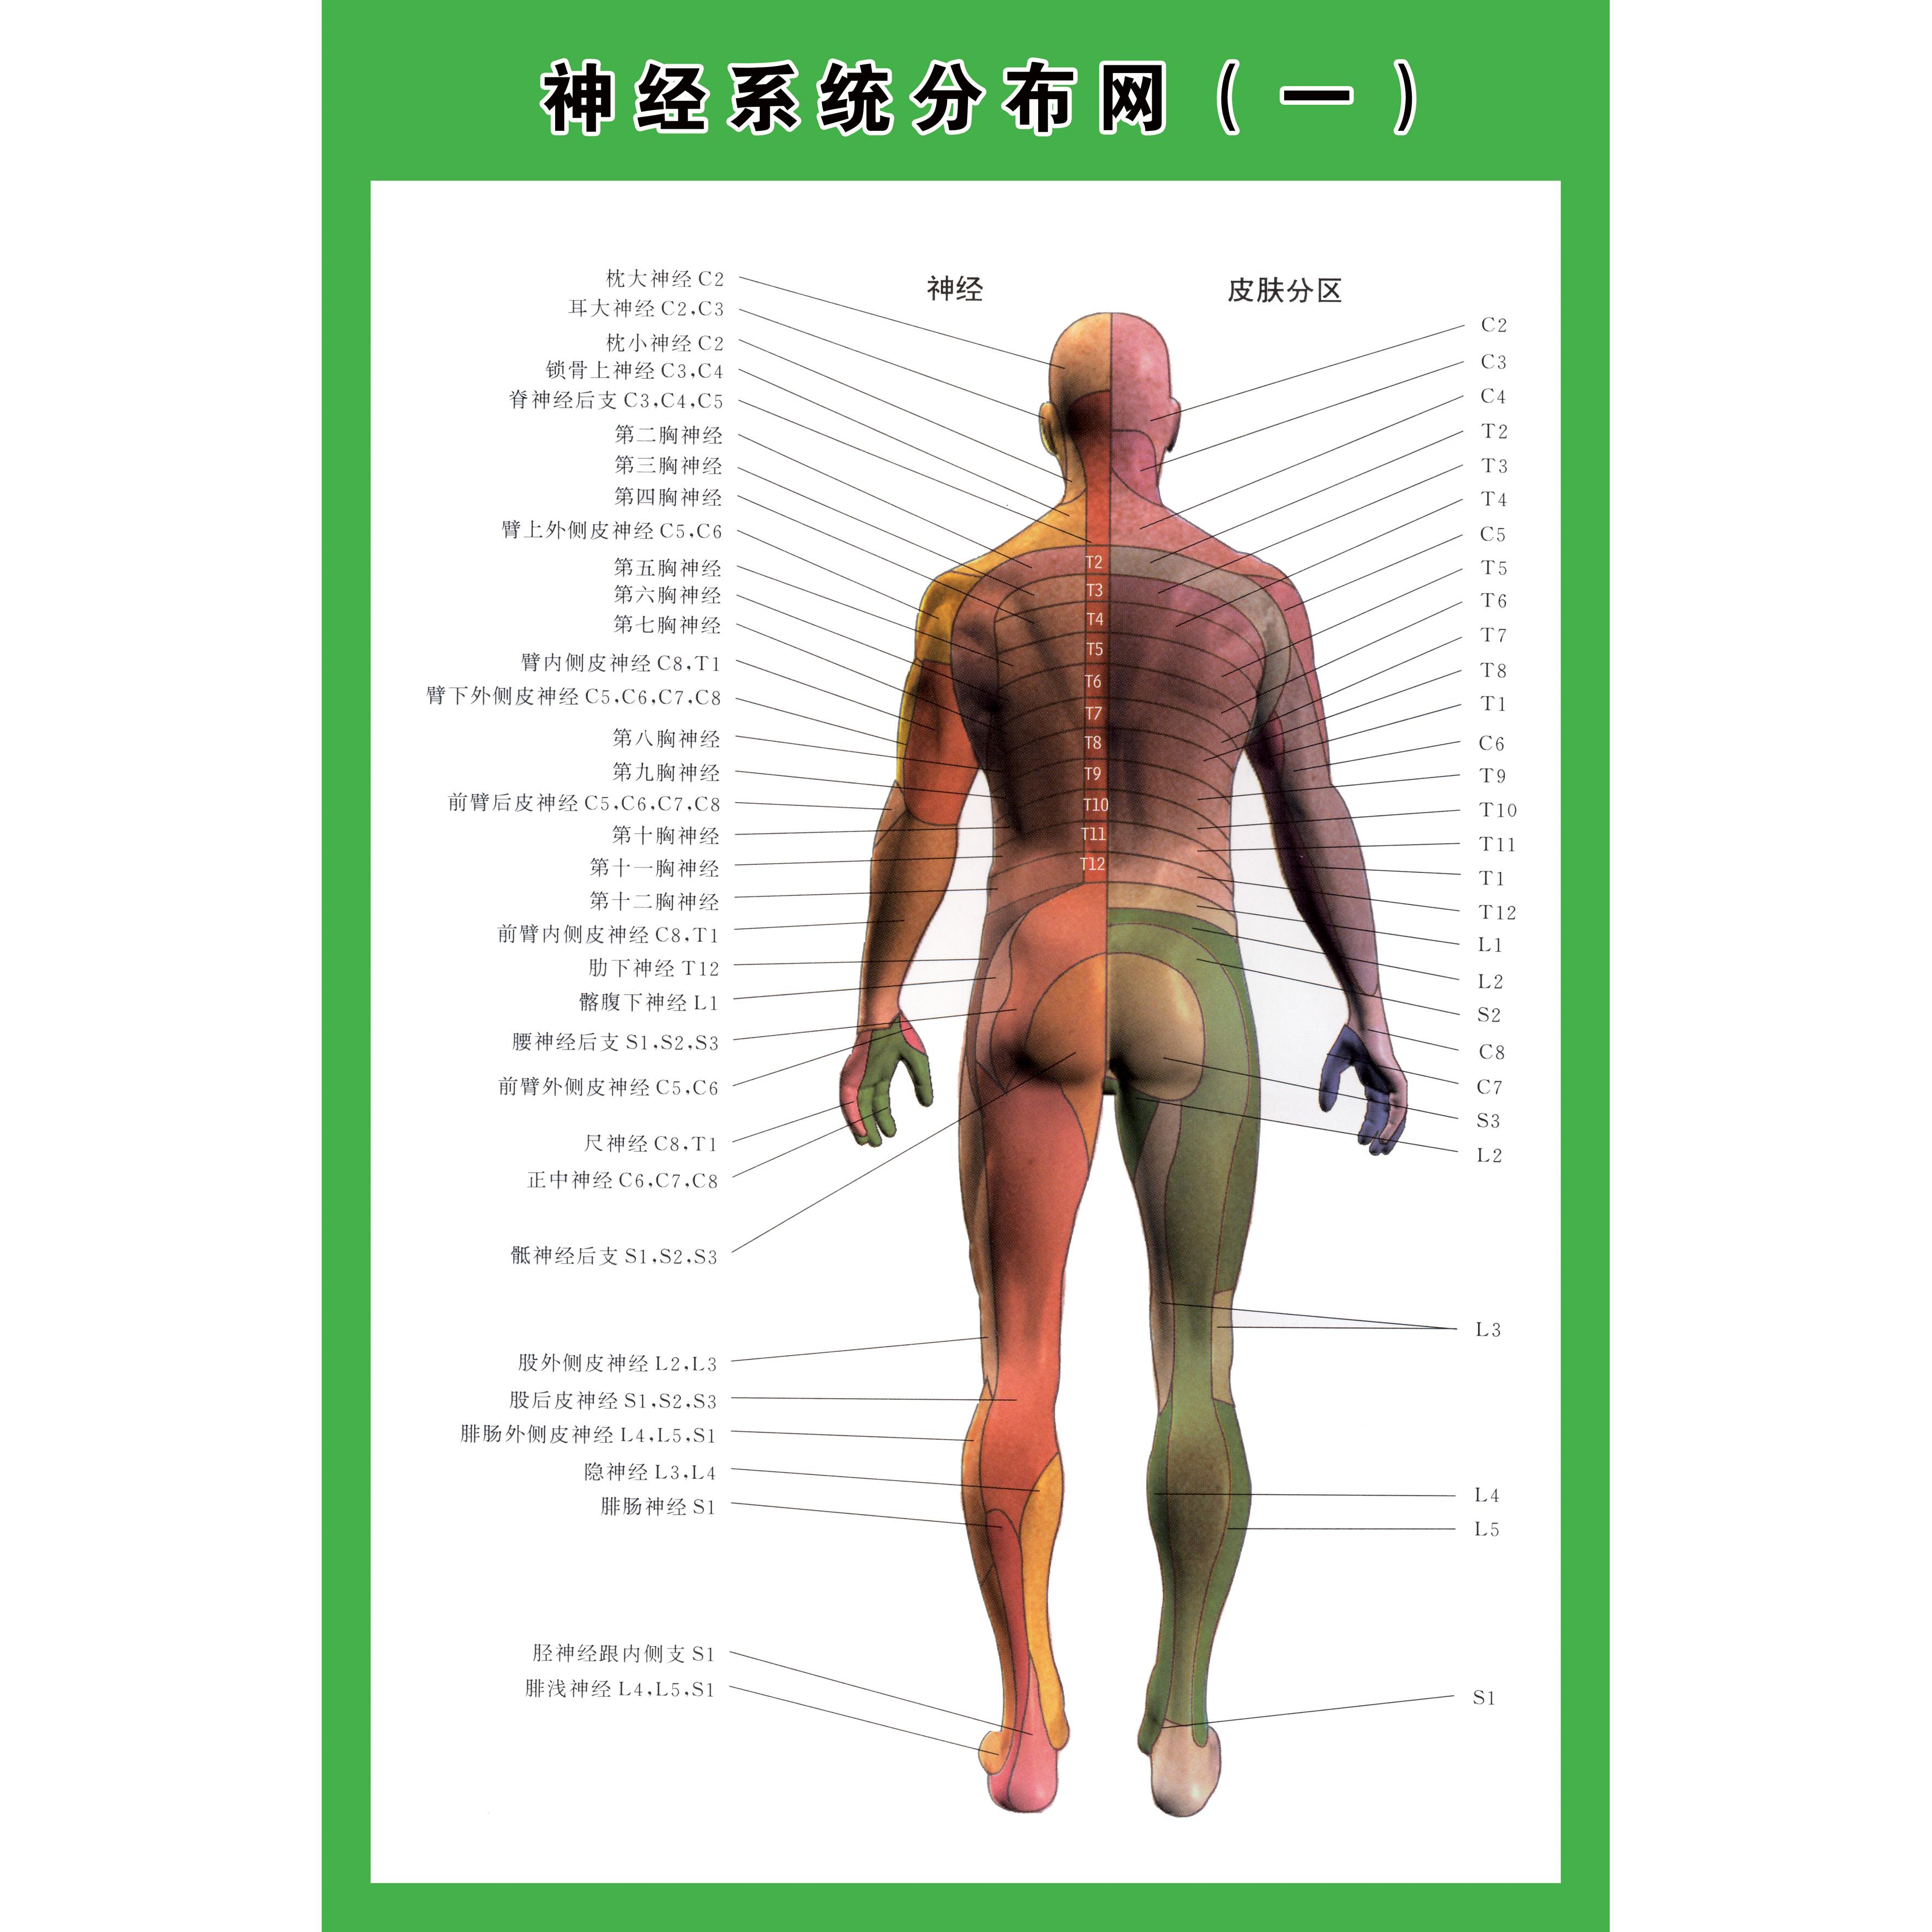 名人书画网 >> 人体器官解剖图   神经系统分布网示意图正反面医学